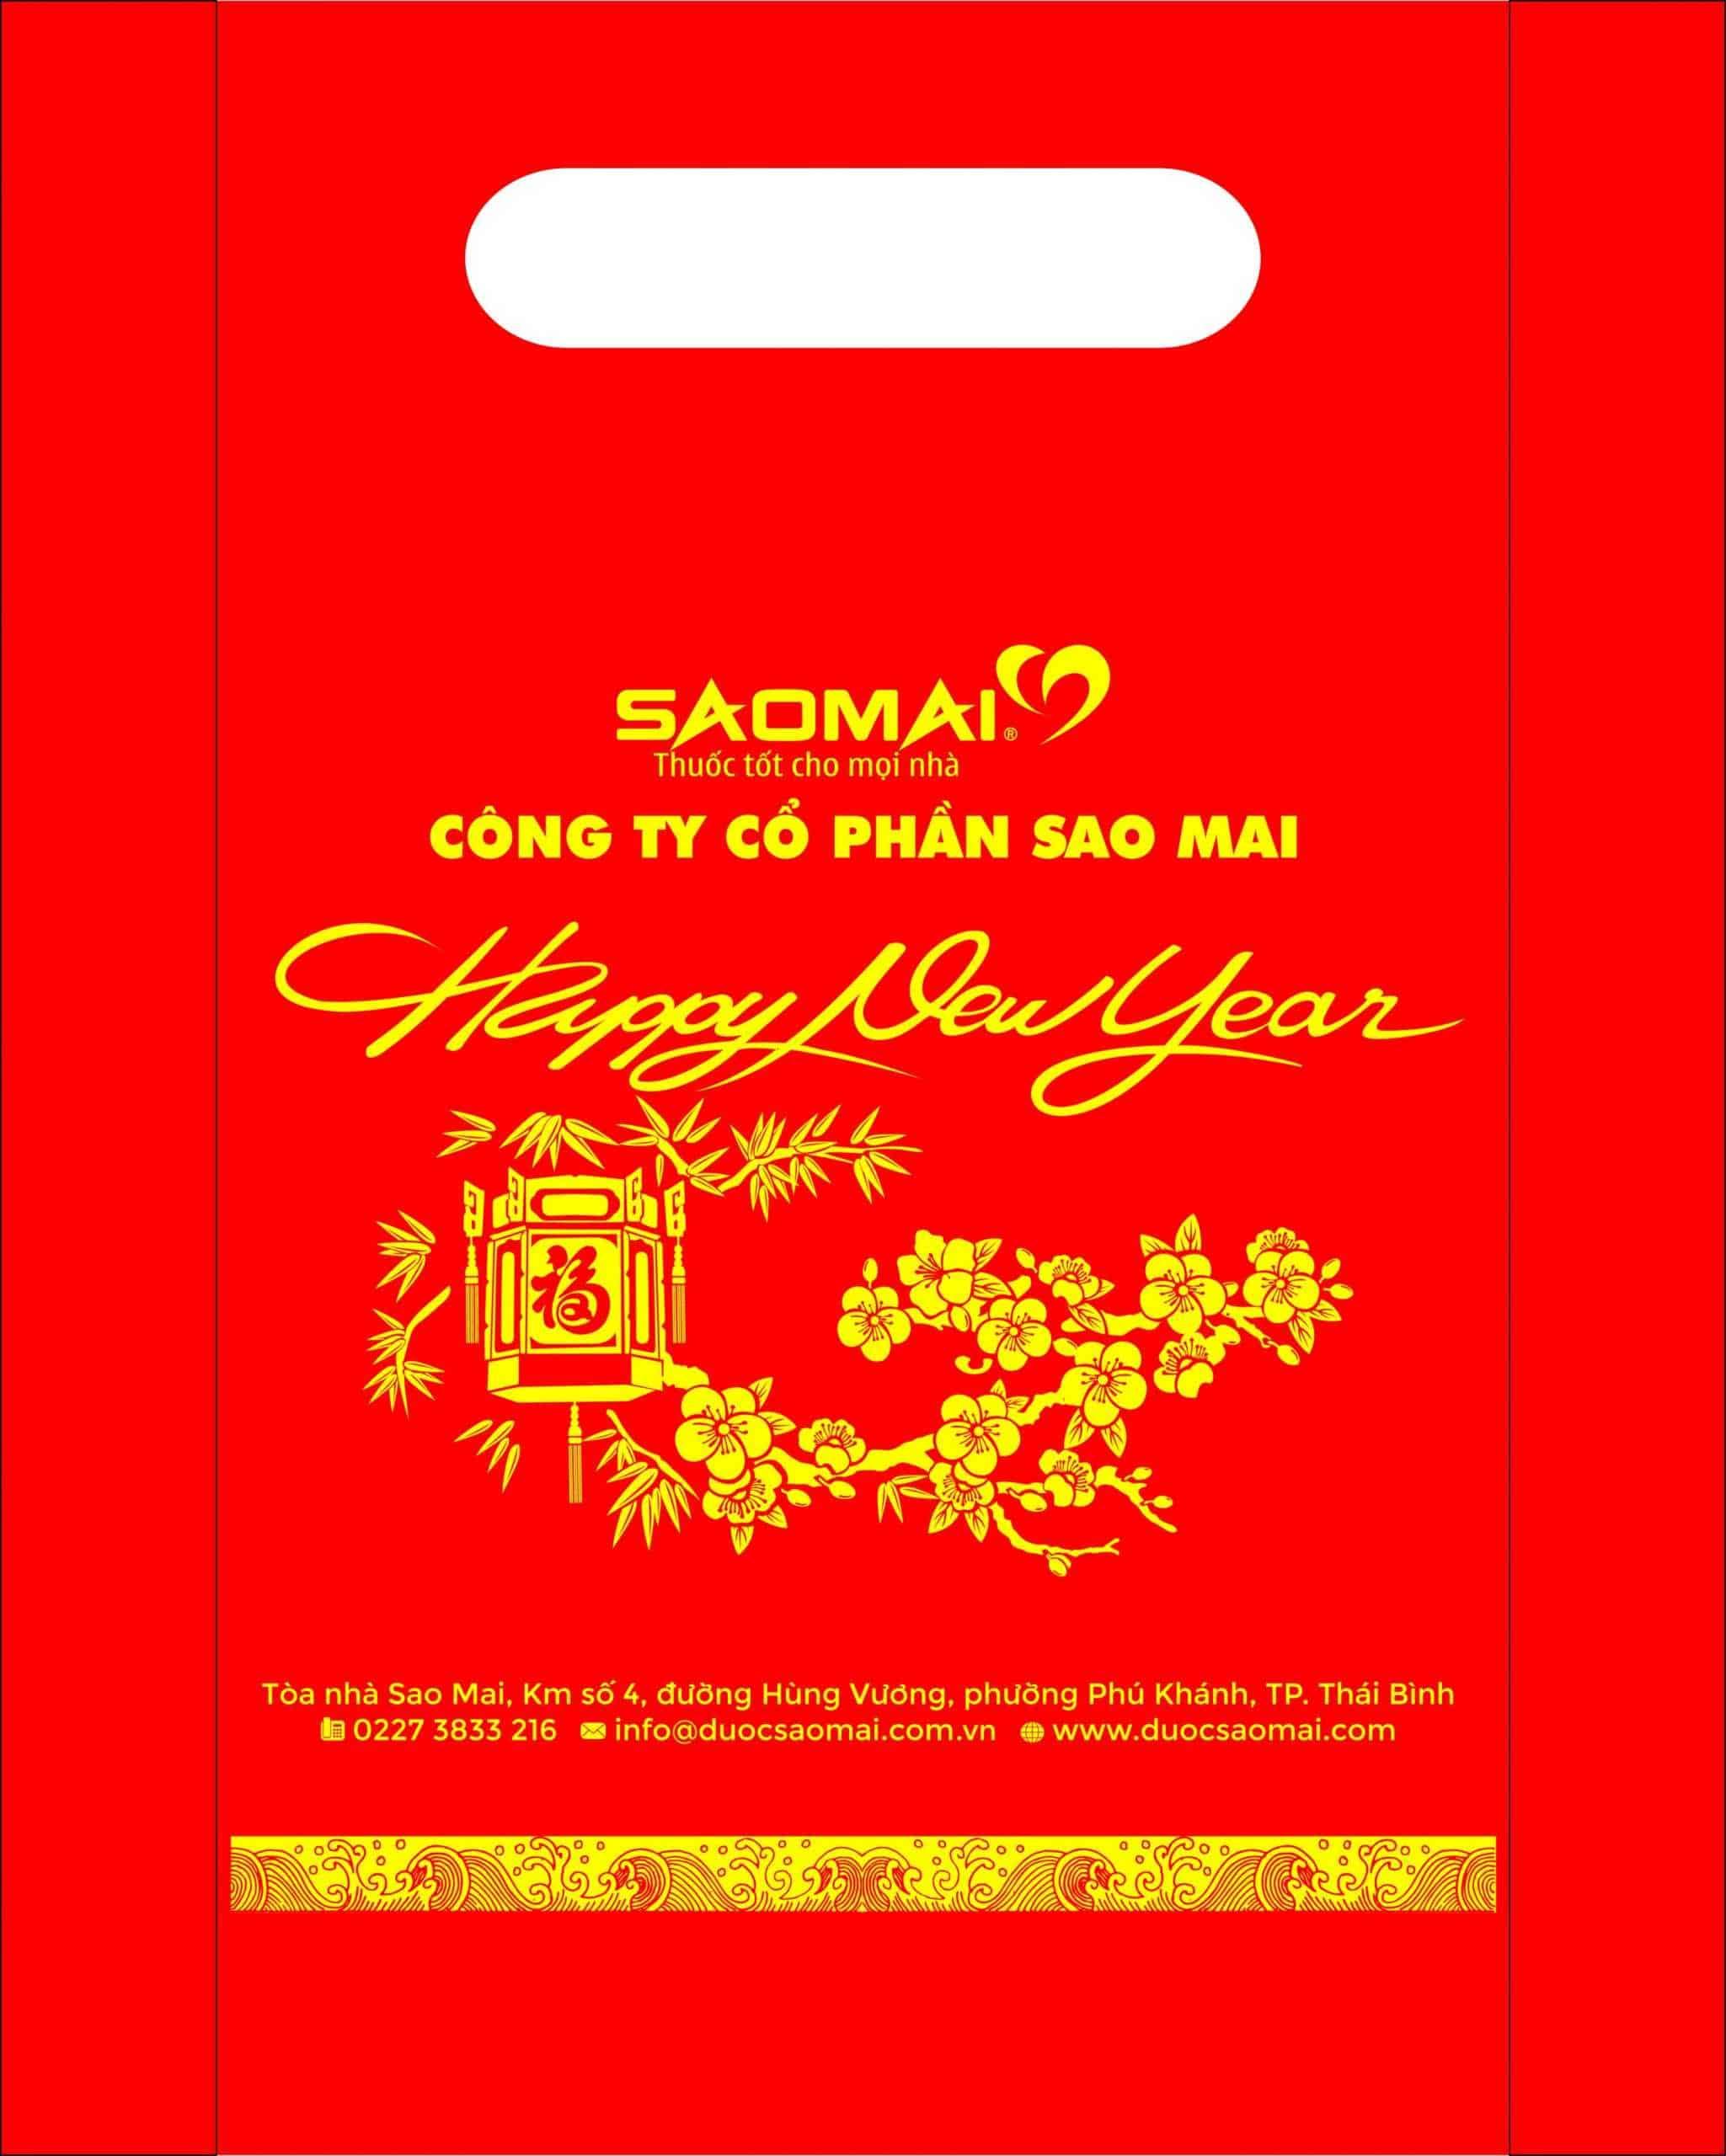 túi chúc mừng năm mới